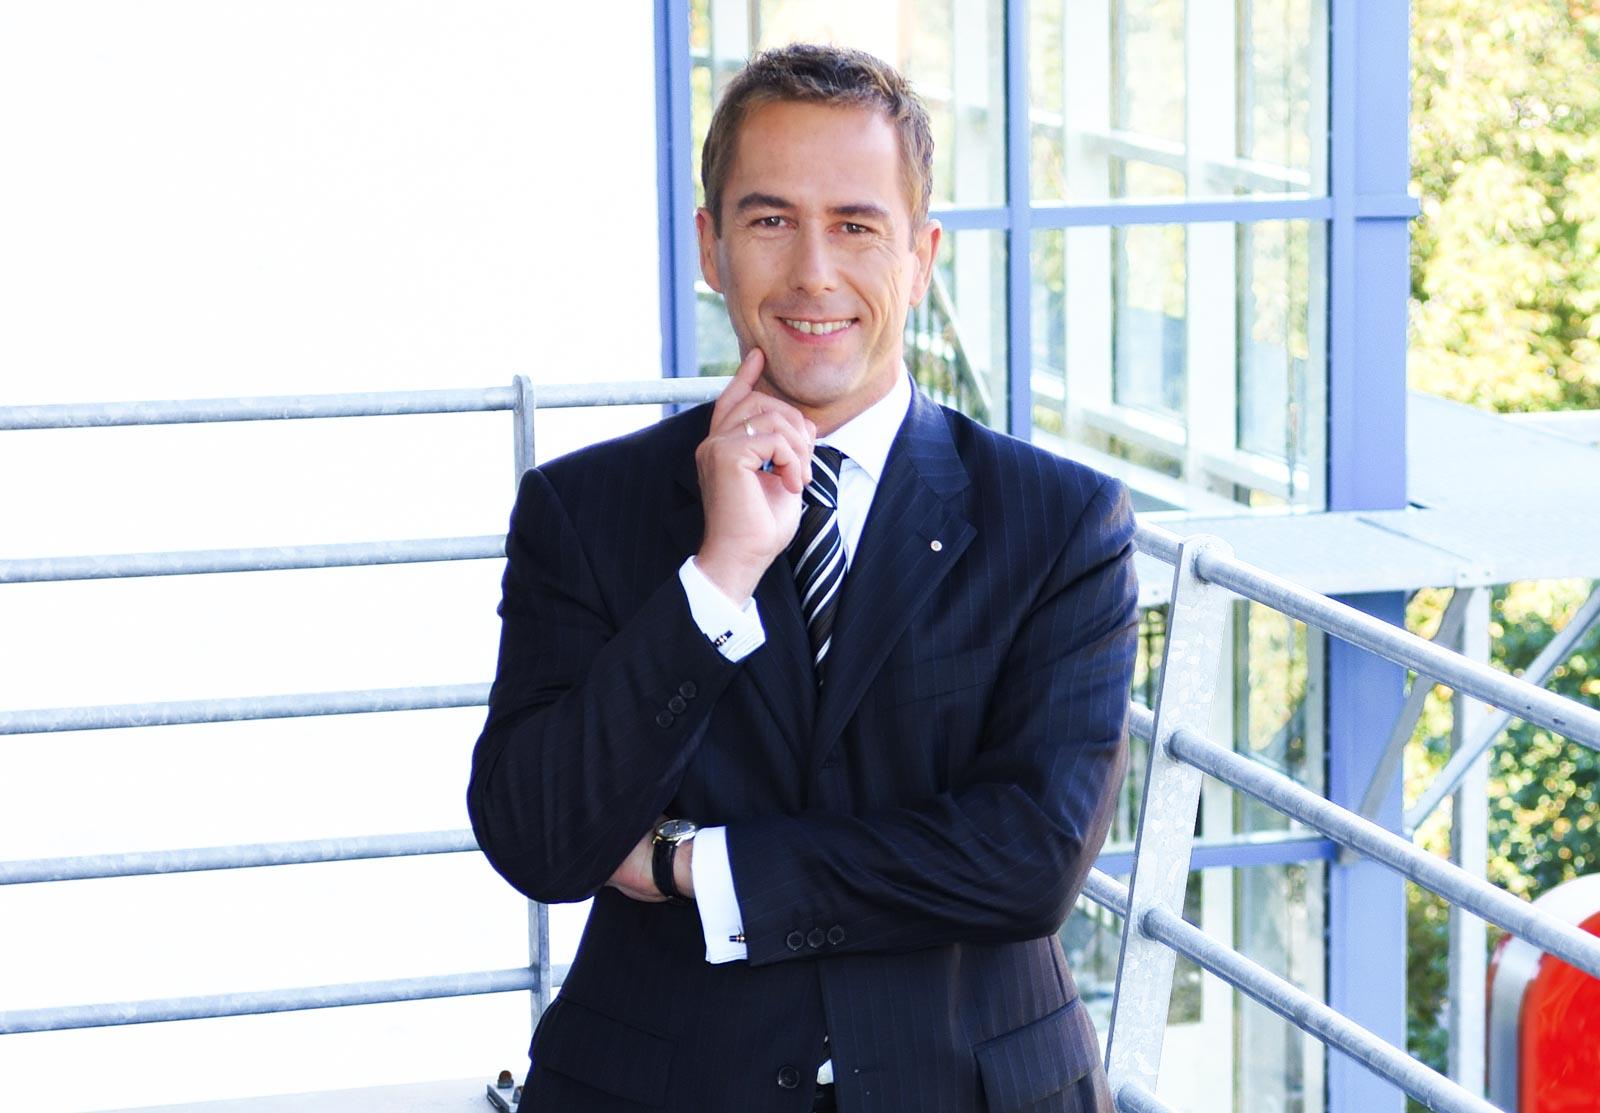 Business-Portrait-Yaph-a-10